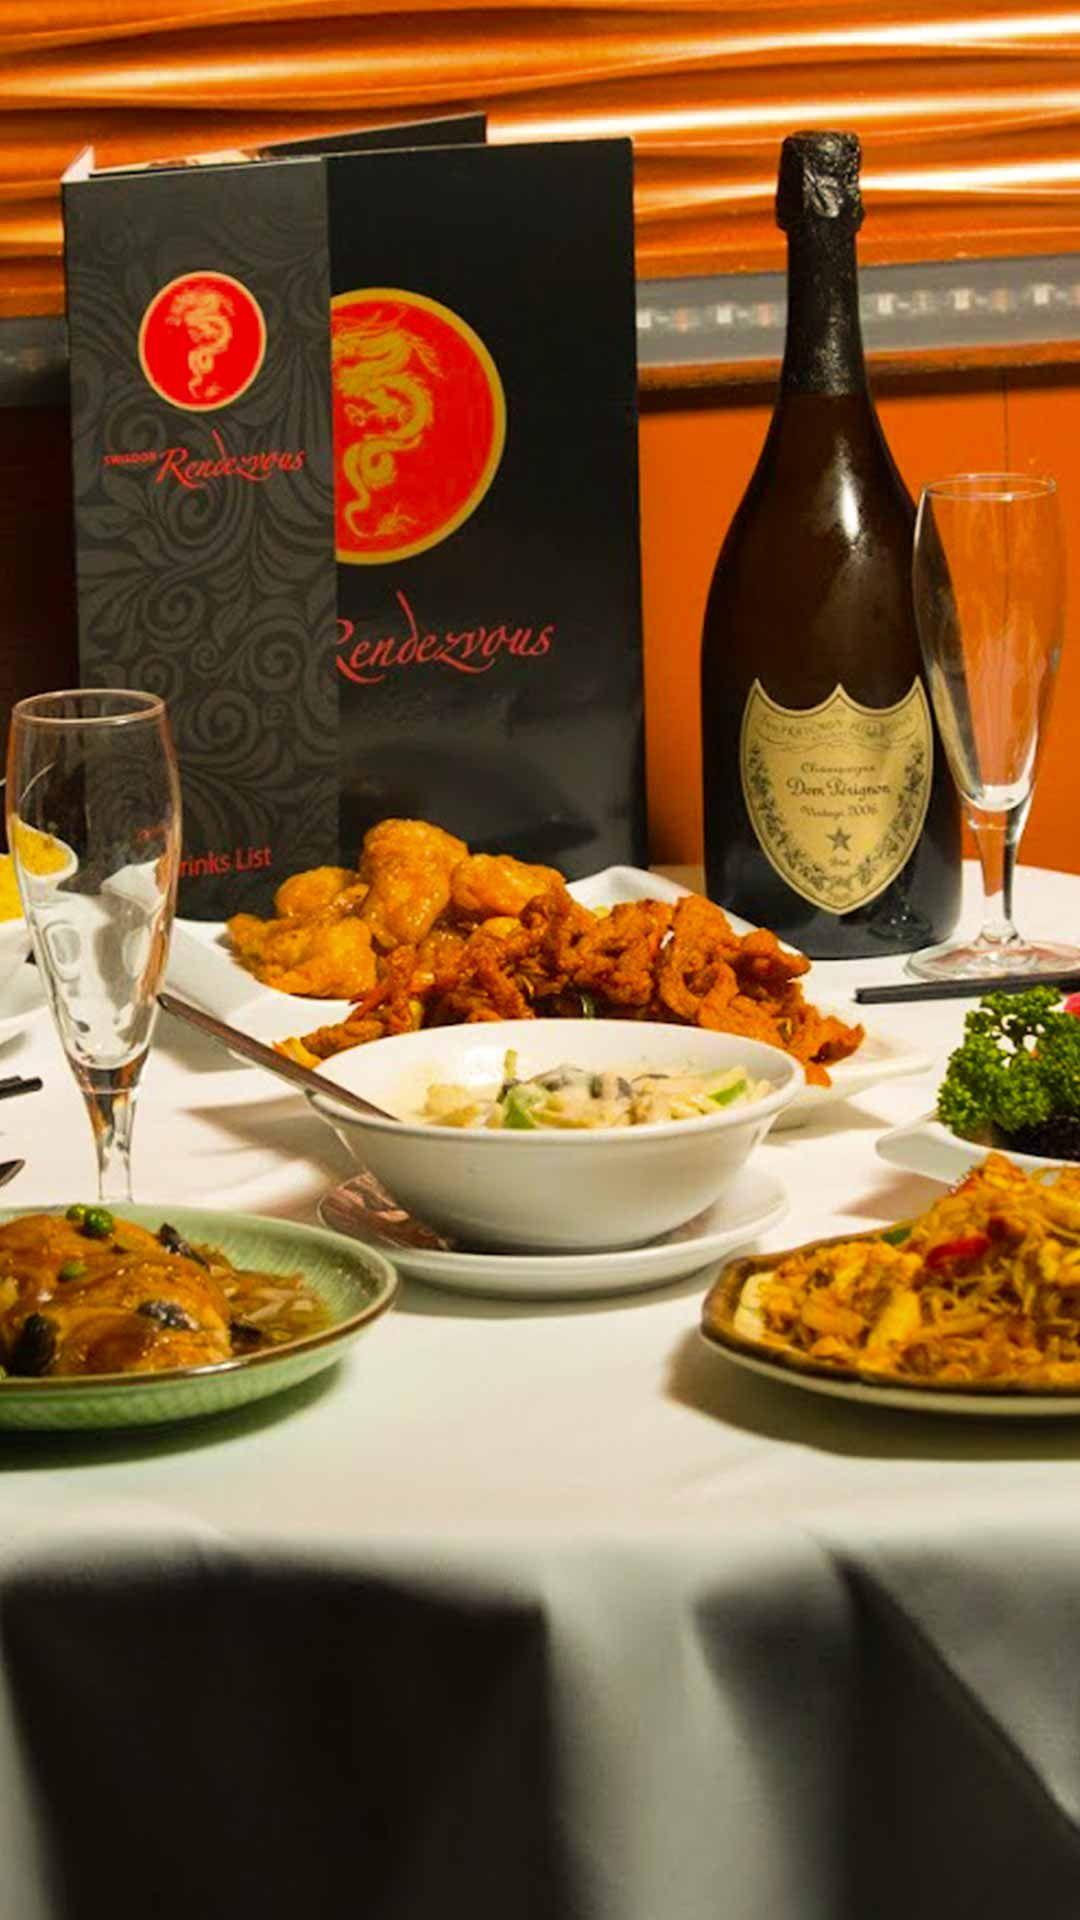 Swindon Rendezvous Is Swindons Second Best Restaurant In